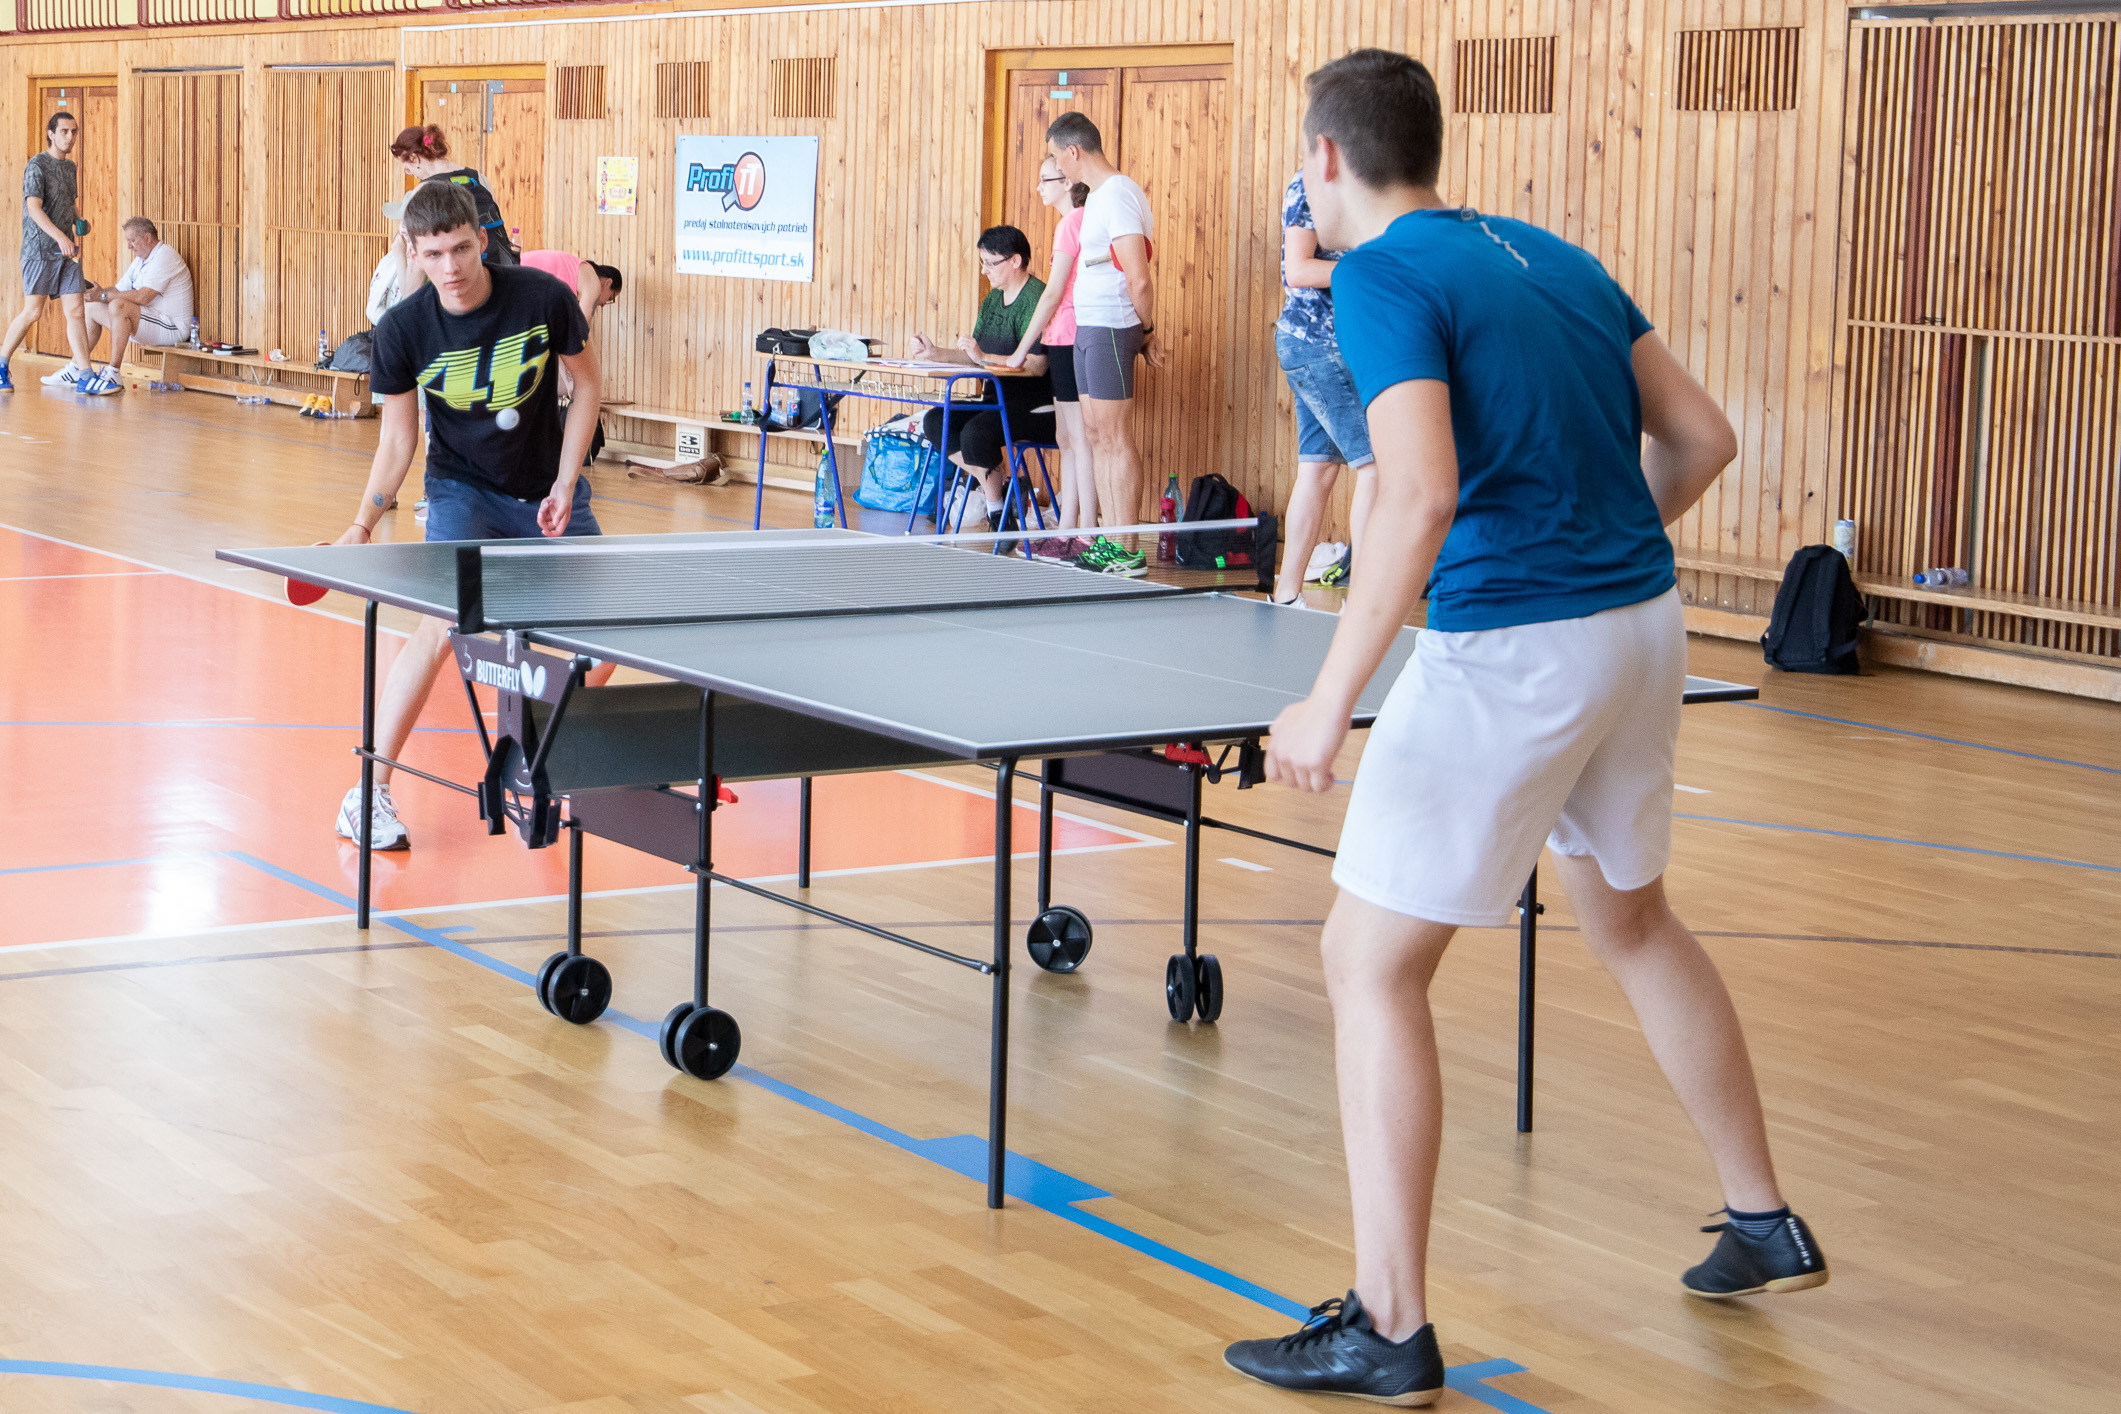 stolny-tenis-den-sidliska-zv-zapad-12